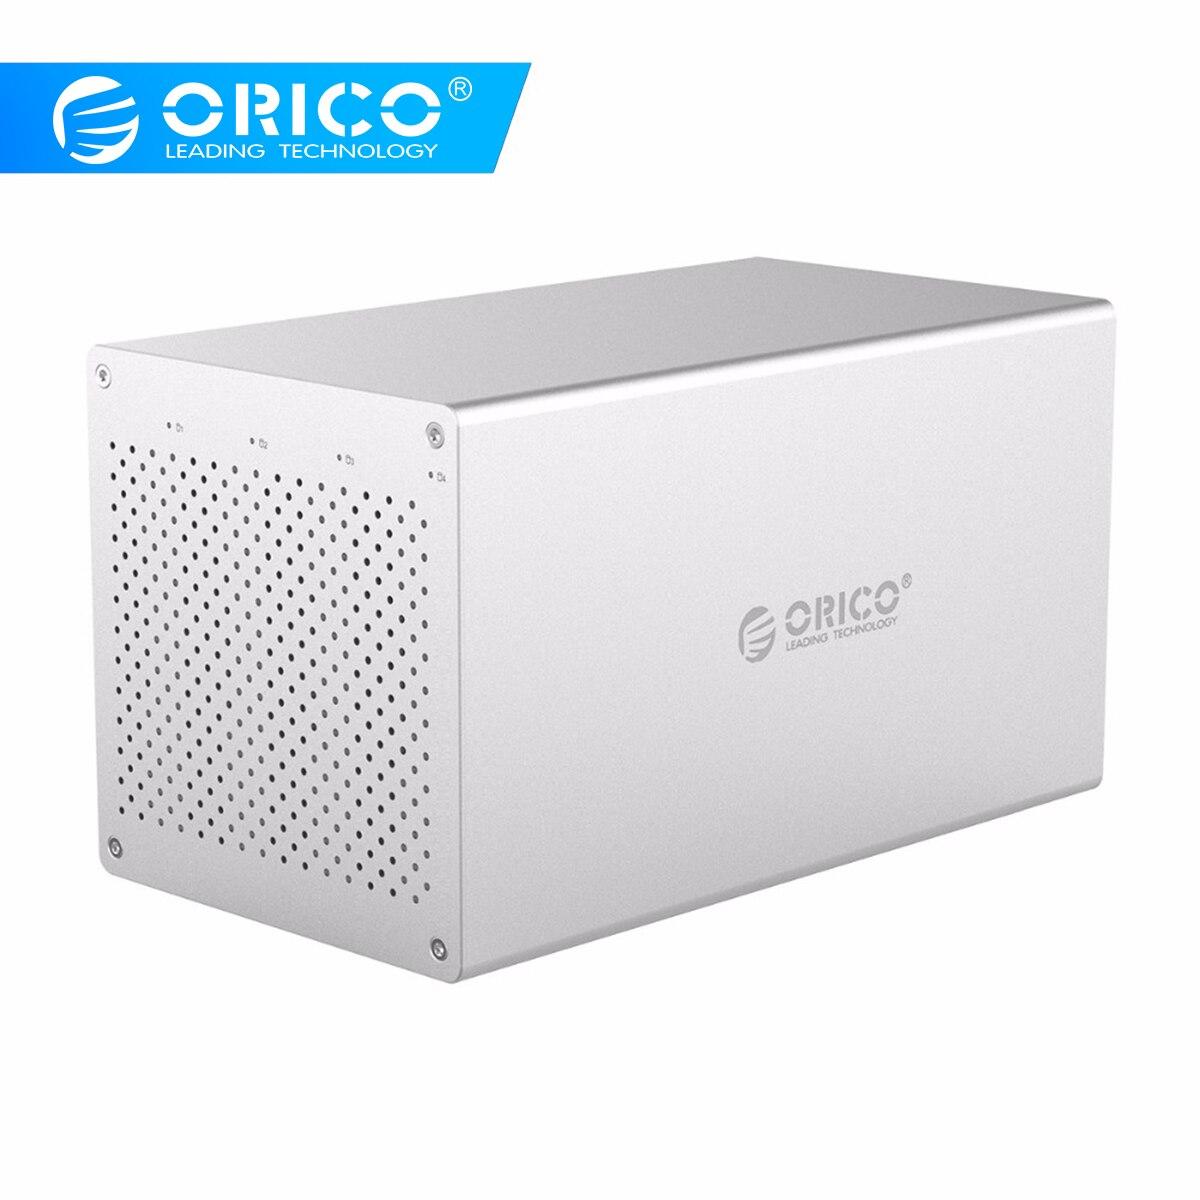 ORICO SATA to USB 3.0 3.5